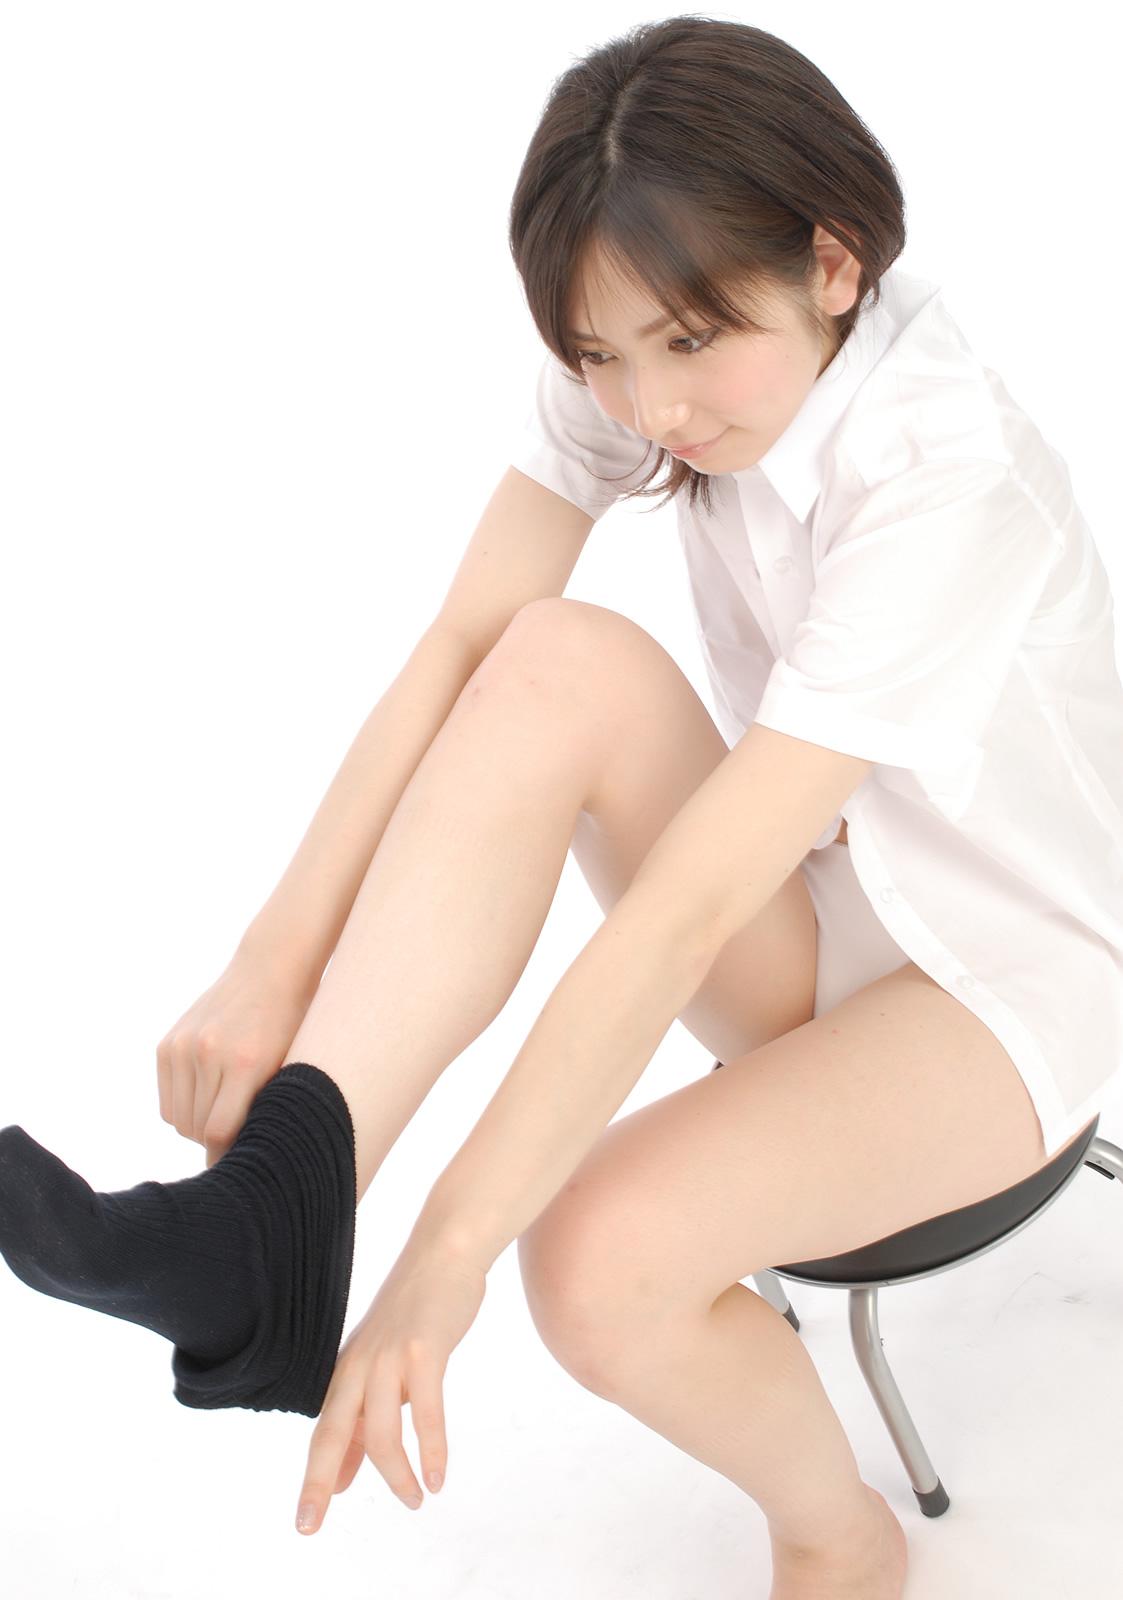 石井香織 セクシー 女子高生 制服 パンチラ 脱ぎかけ 太もも Yシャツ ソックス 笑顔 エロかわいい画像6